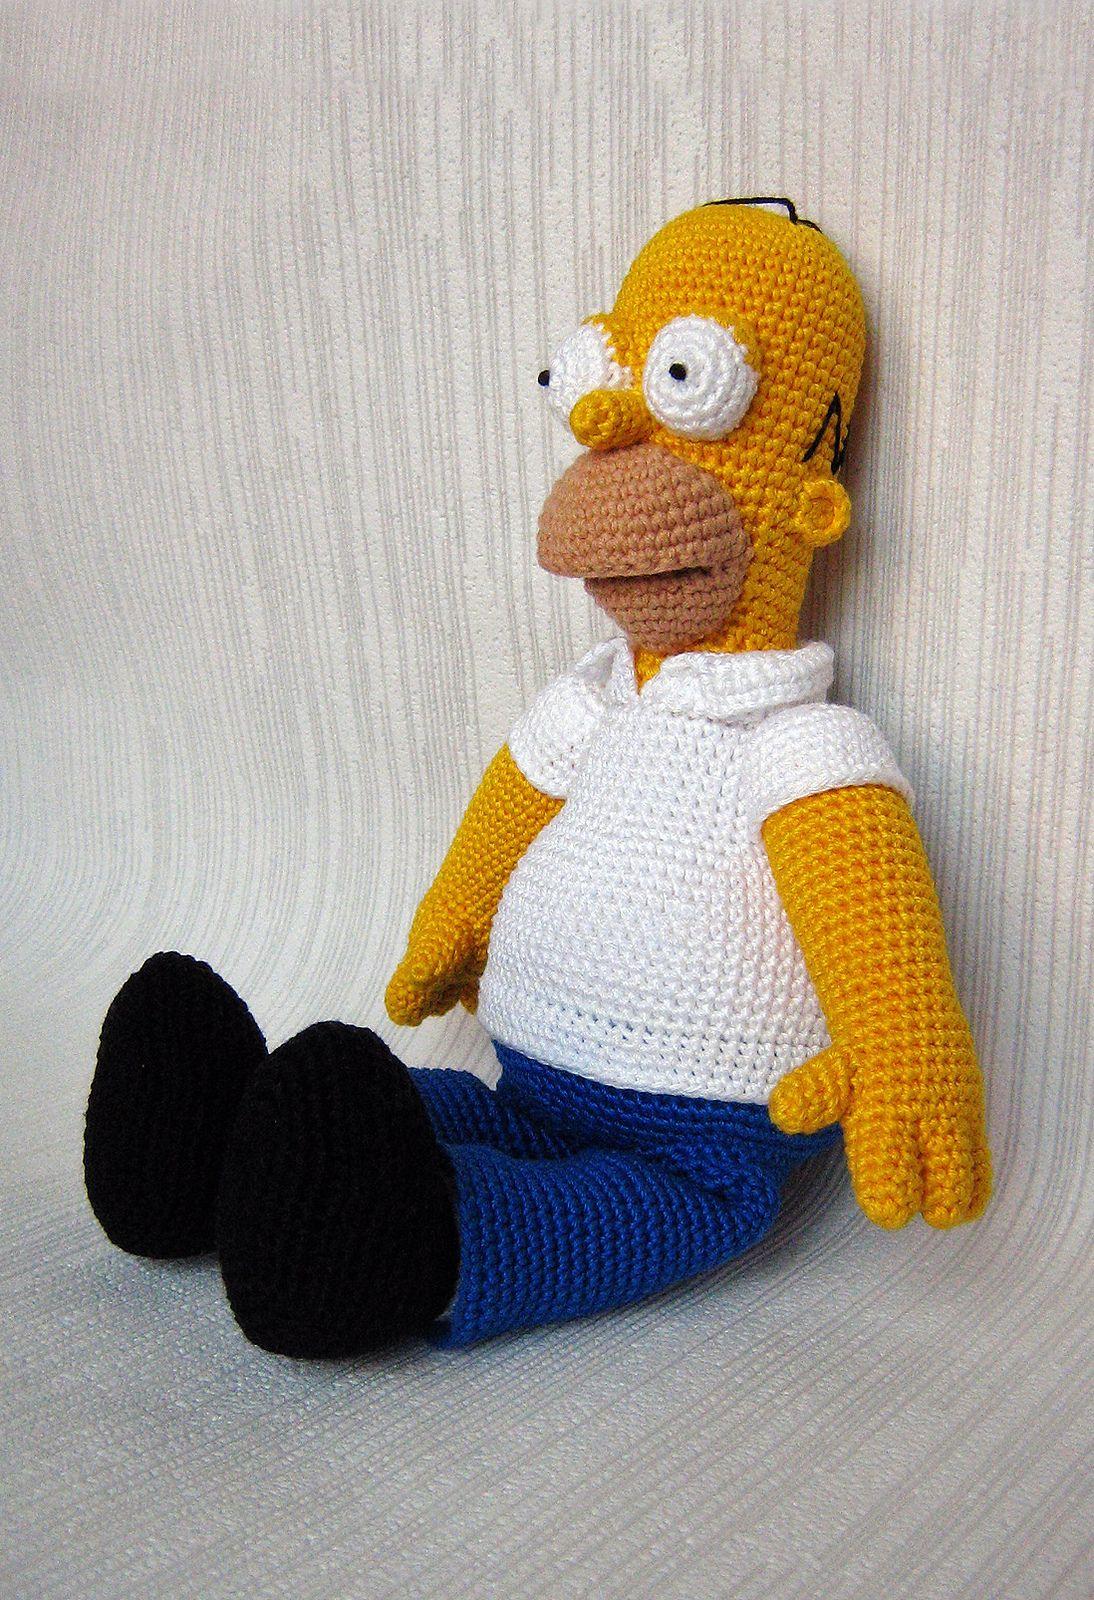 Ravelry: Homer Simpson Crochet Toy pattern by Anna Vozika | Crochet ...